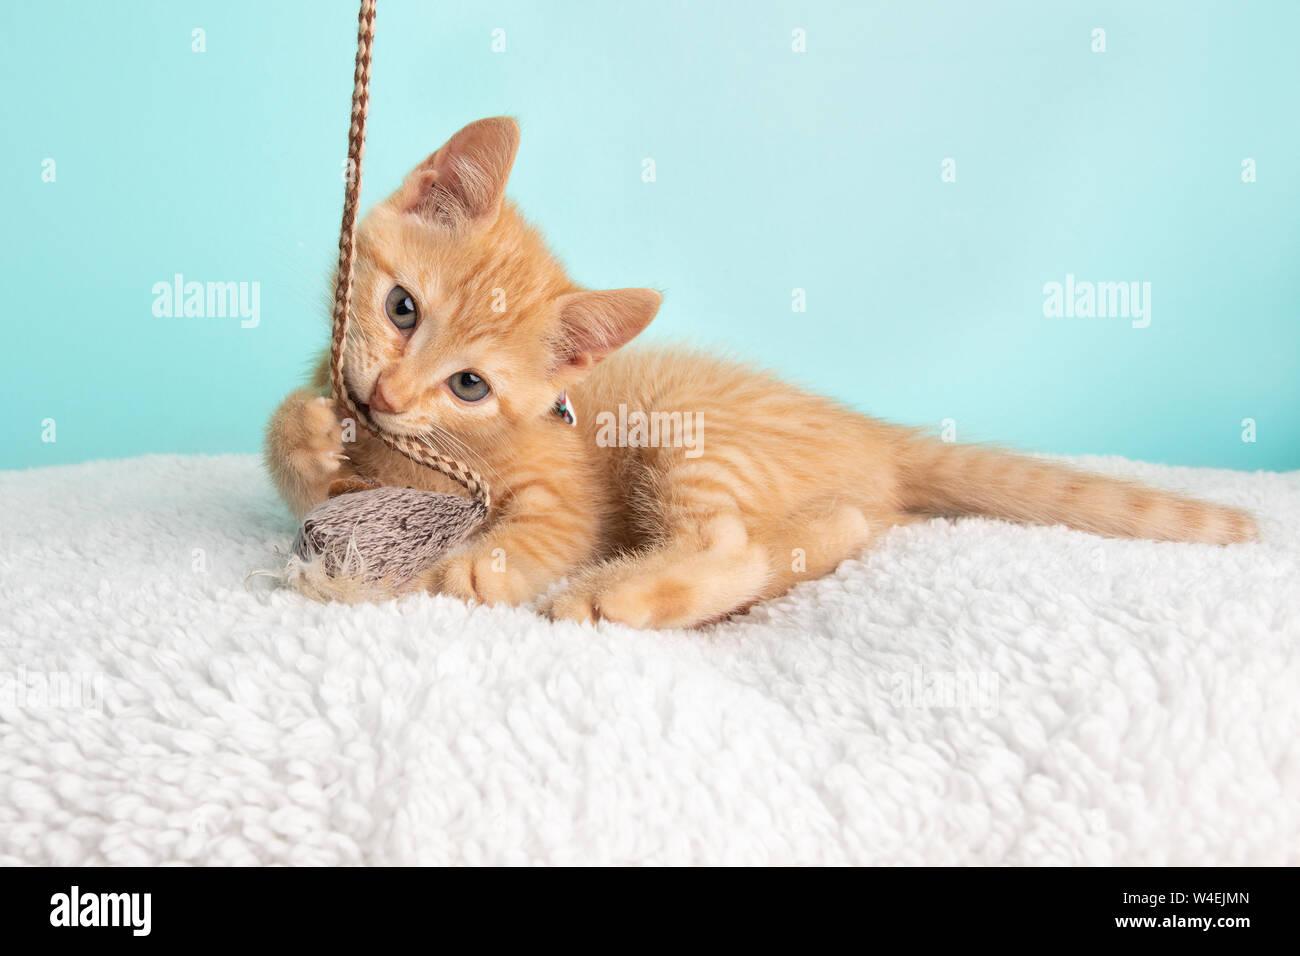 Carino giovane Orange Tabby Gattino Rescue indossando fiore bianco Bow Tie sdraiato Pawing e giocare con il giocattolo Mouse e la stringa su sfondo blu Foto Stock